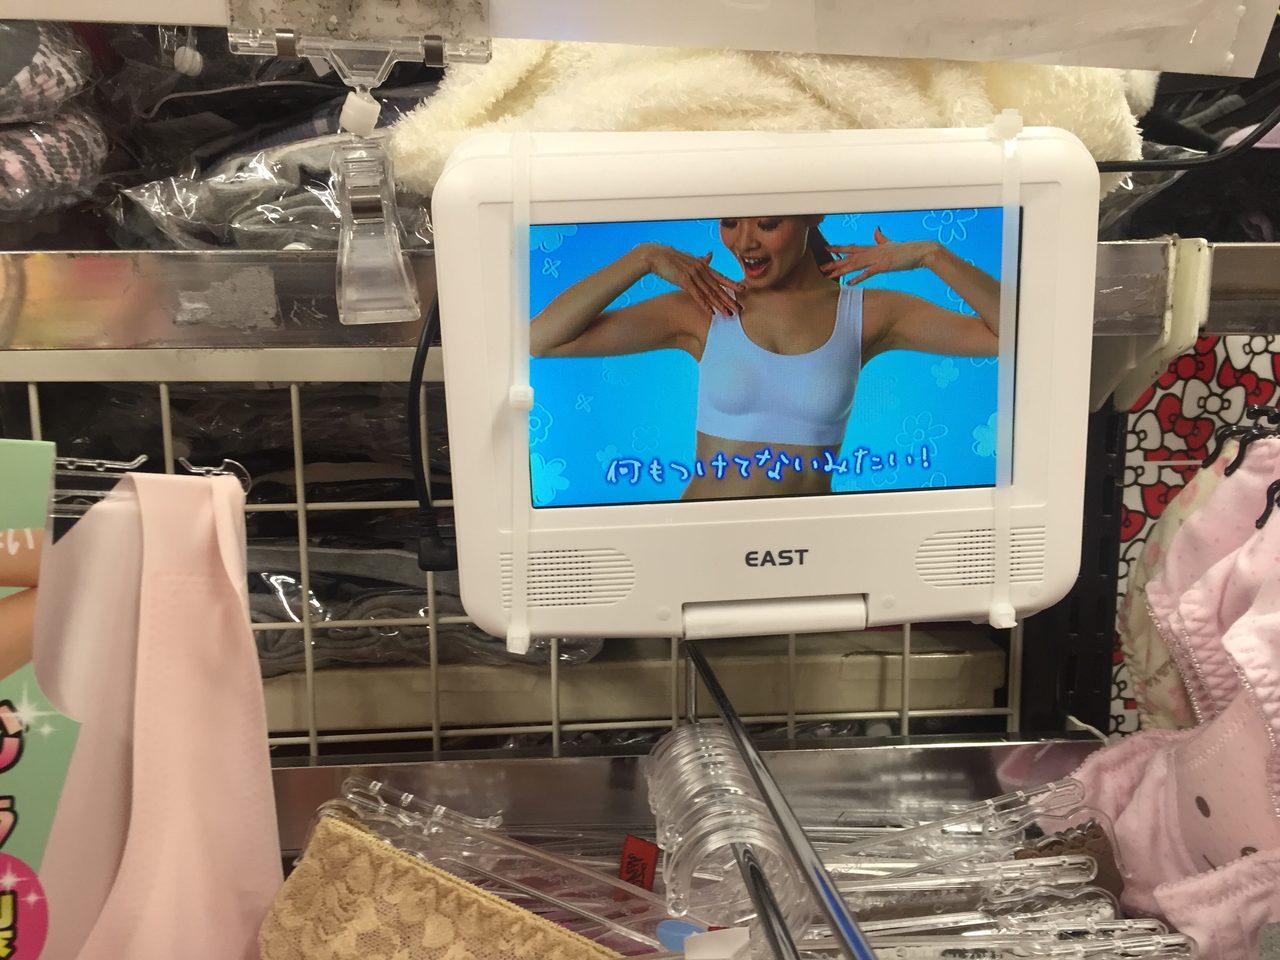 画像3: 肌に溶け込むノンワイヤーヌーディーブラ(全国のドンキホーテにて発売中!)パッケージモデル♡安西恵梨♡